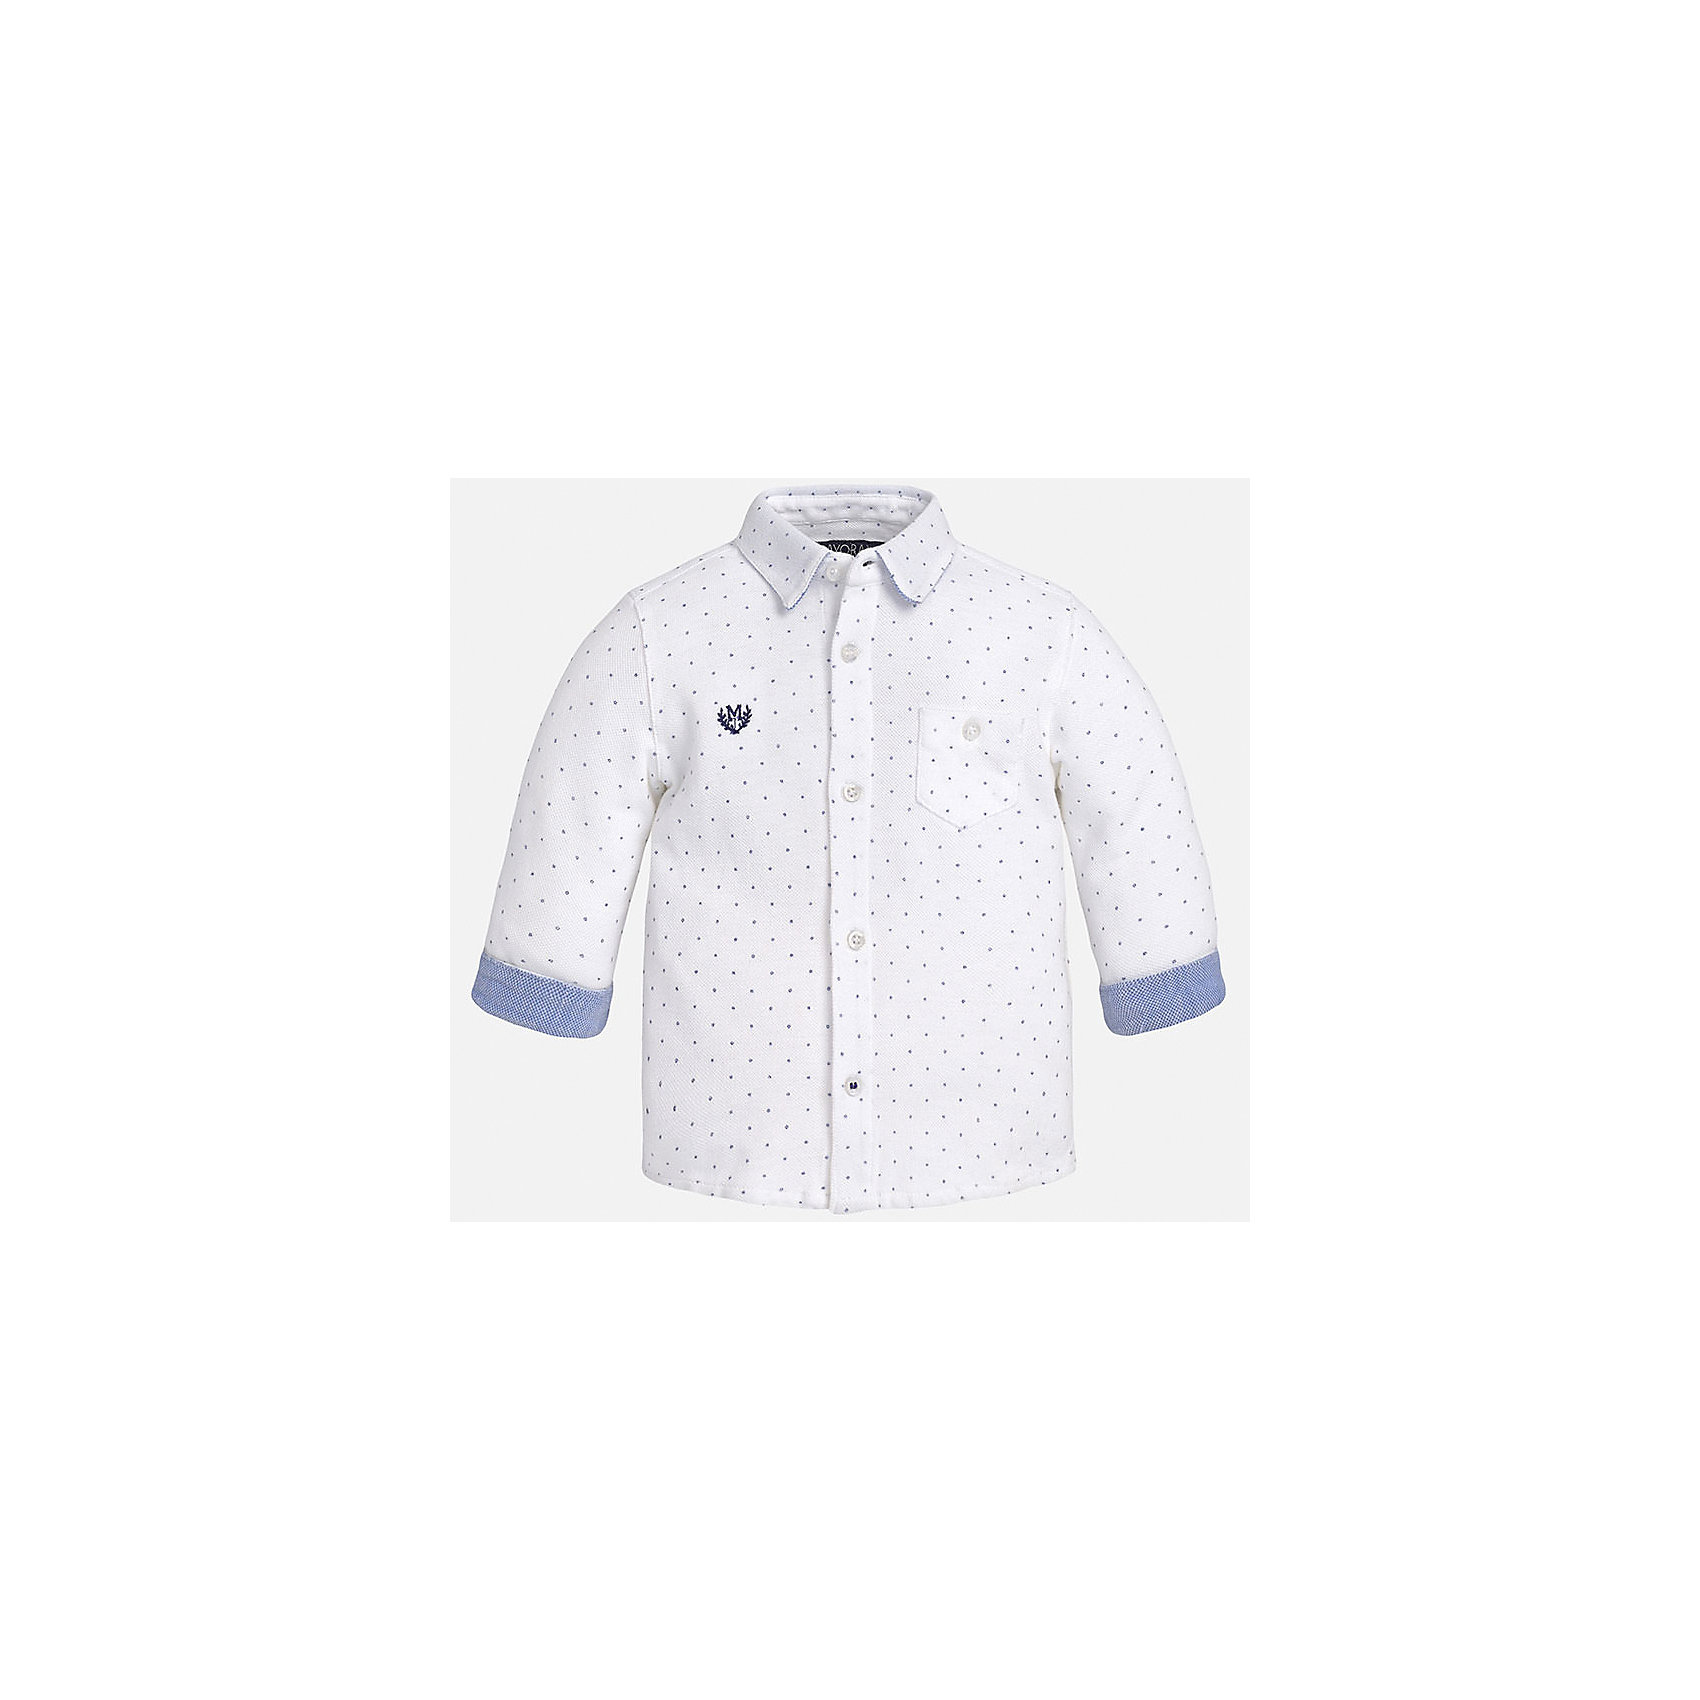 Рубашка для мальчика MayoralРубашка для мальчика от известного испанского бренда Mayoral. Рубашка изготовлена из 100% хлопка с простым узором в горошек. Застегивается на пуговицы, на груди есть карман и эмблема фирмы. Прекрасно подойдет и для важных мероприятий, и на каждый день!<br>Дополнительная информация:<br>-прямой силуэт<br>-слегка укороченные рукава<br>-карман и эмблема фирмы на груди<br>-застегивается на пуговицы<br>-цвет: белый<br>-состав: 100% хлопок<br>Рубашку Mayoral можно приобрести в нашем интернет-магазине.<br><br>Ширина мм: 174<br>Глубина мм: 10<br>Высота мм: 169<br>Вес г: 157<br>Цвет: белый<br>Возраст от месяцев: 12<br>Возраст до месяцев: 18<br>Пол: Мужской<br>Возраст: Детский<br>Размер: 86,92,74,80<br>SKU: 4820575